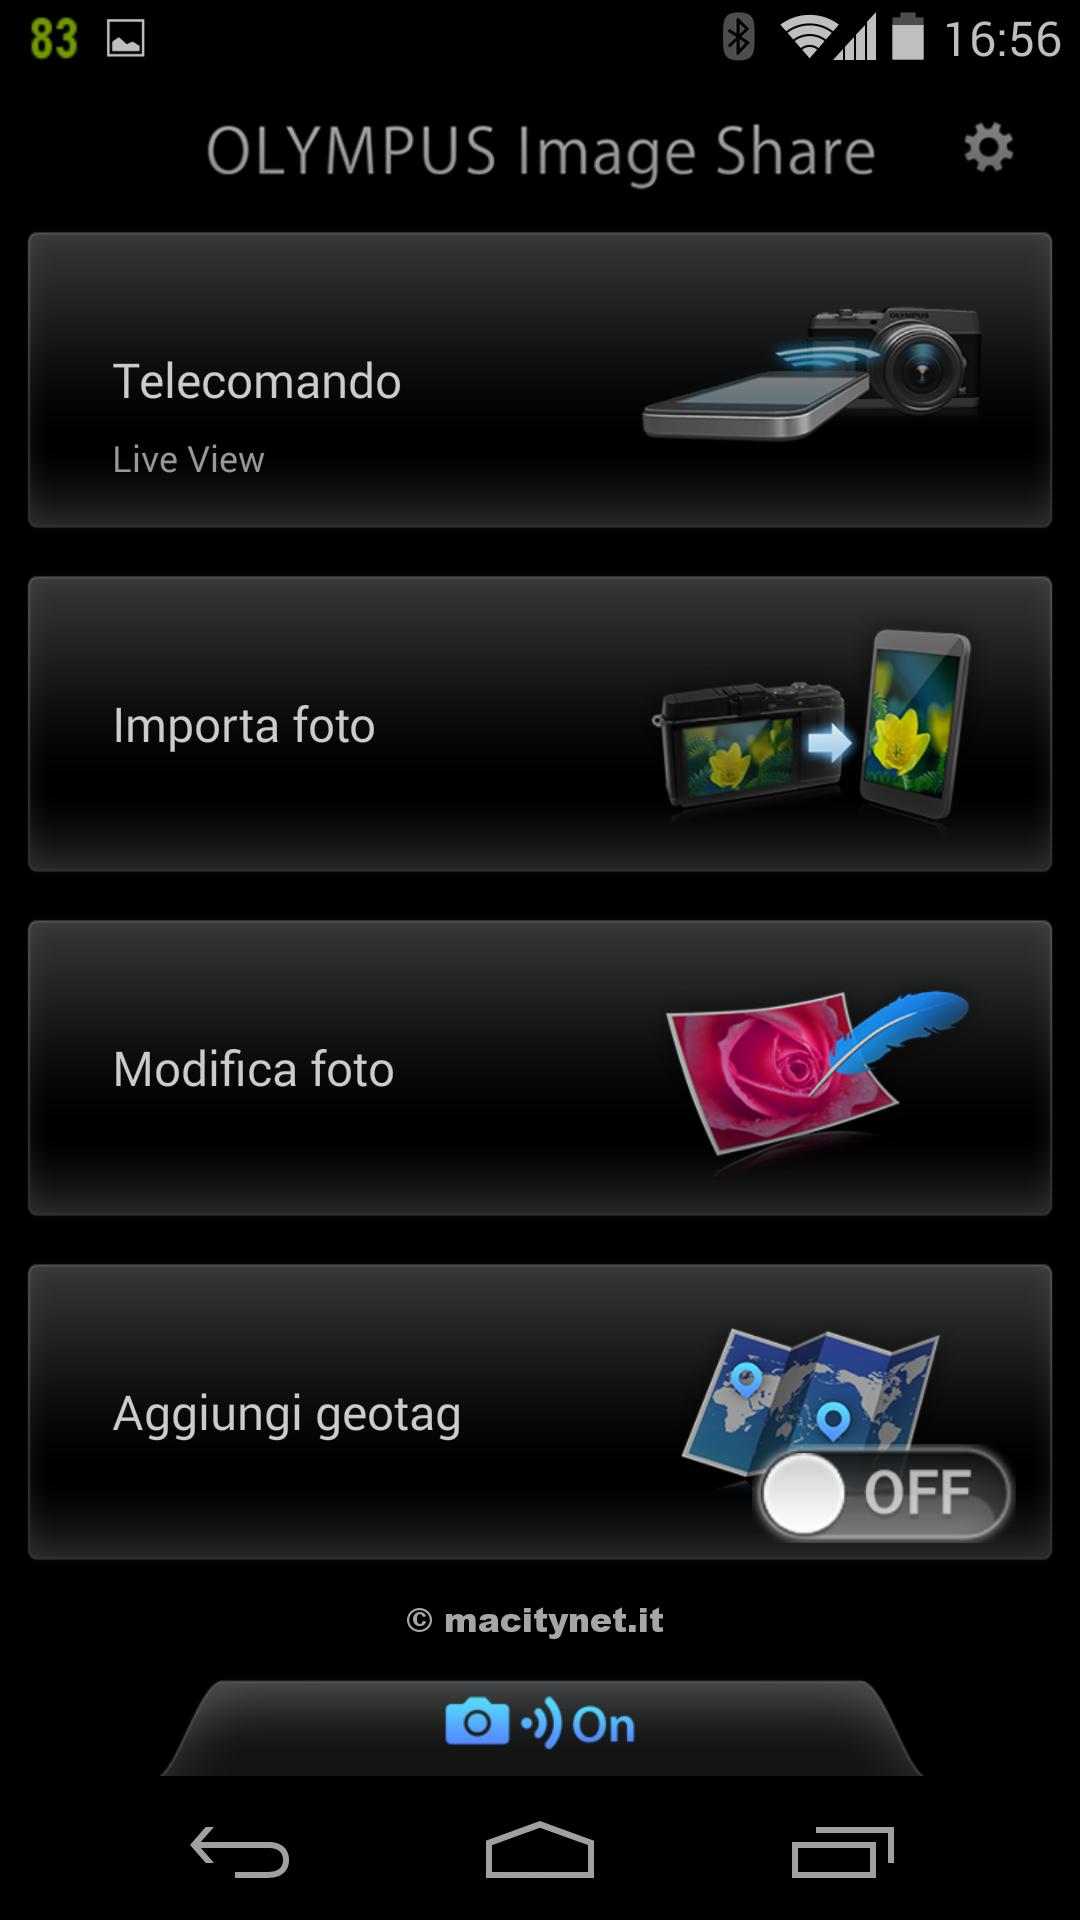 Le opzioni disponibili su smartphone